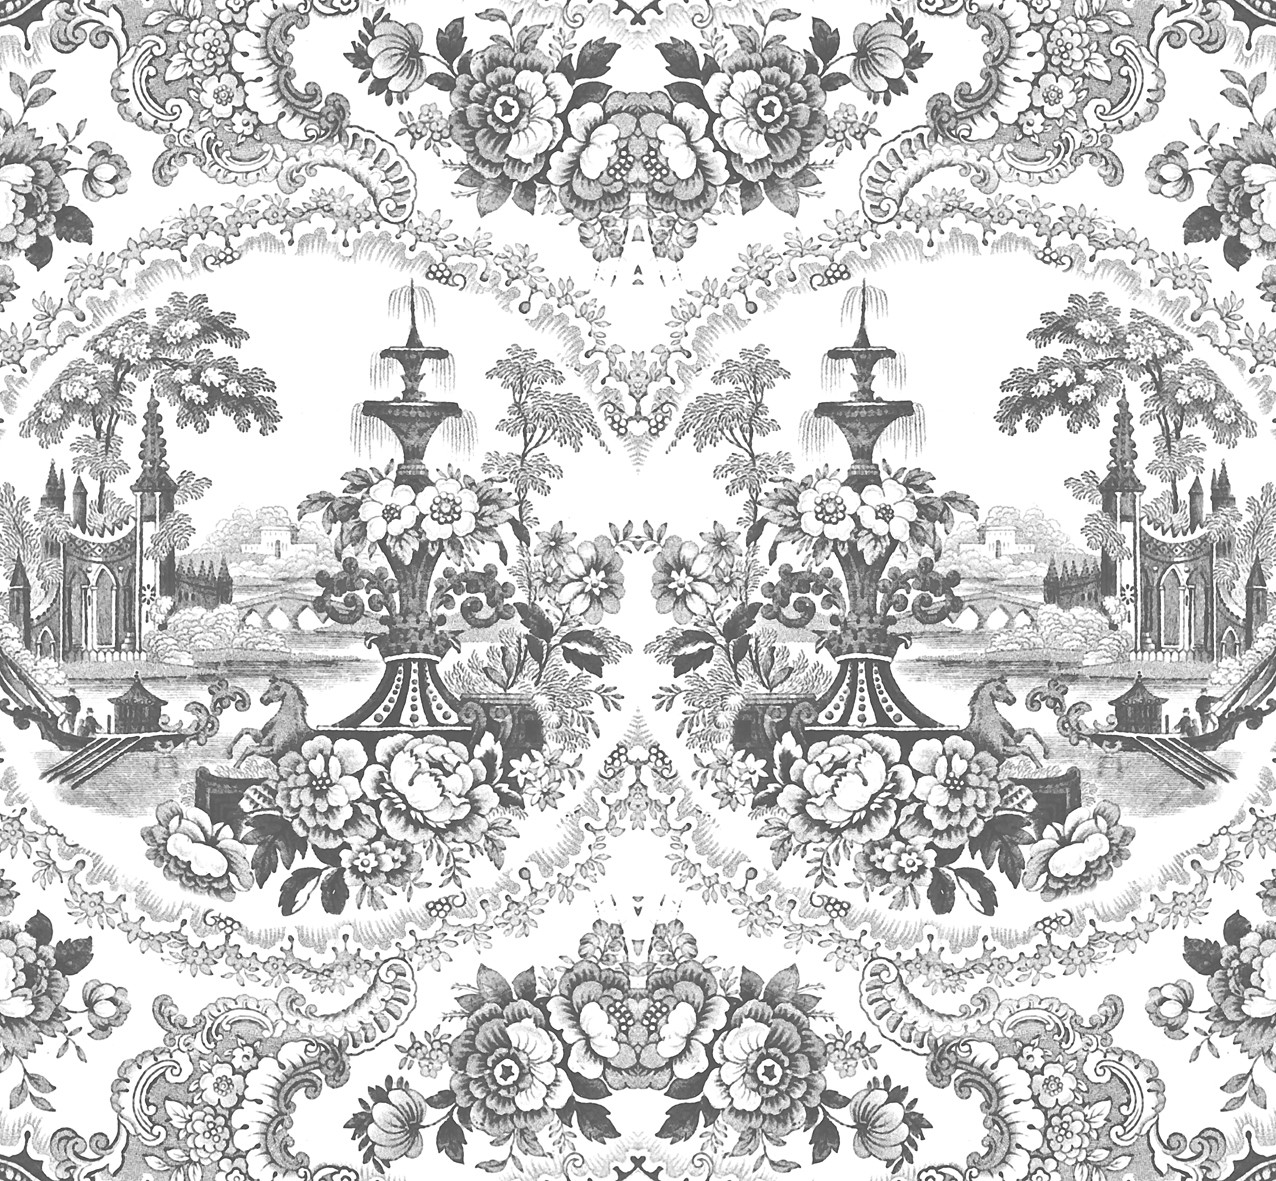 Delft Baroque Wallpaper Black - Delft Baroque Wallpaper